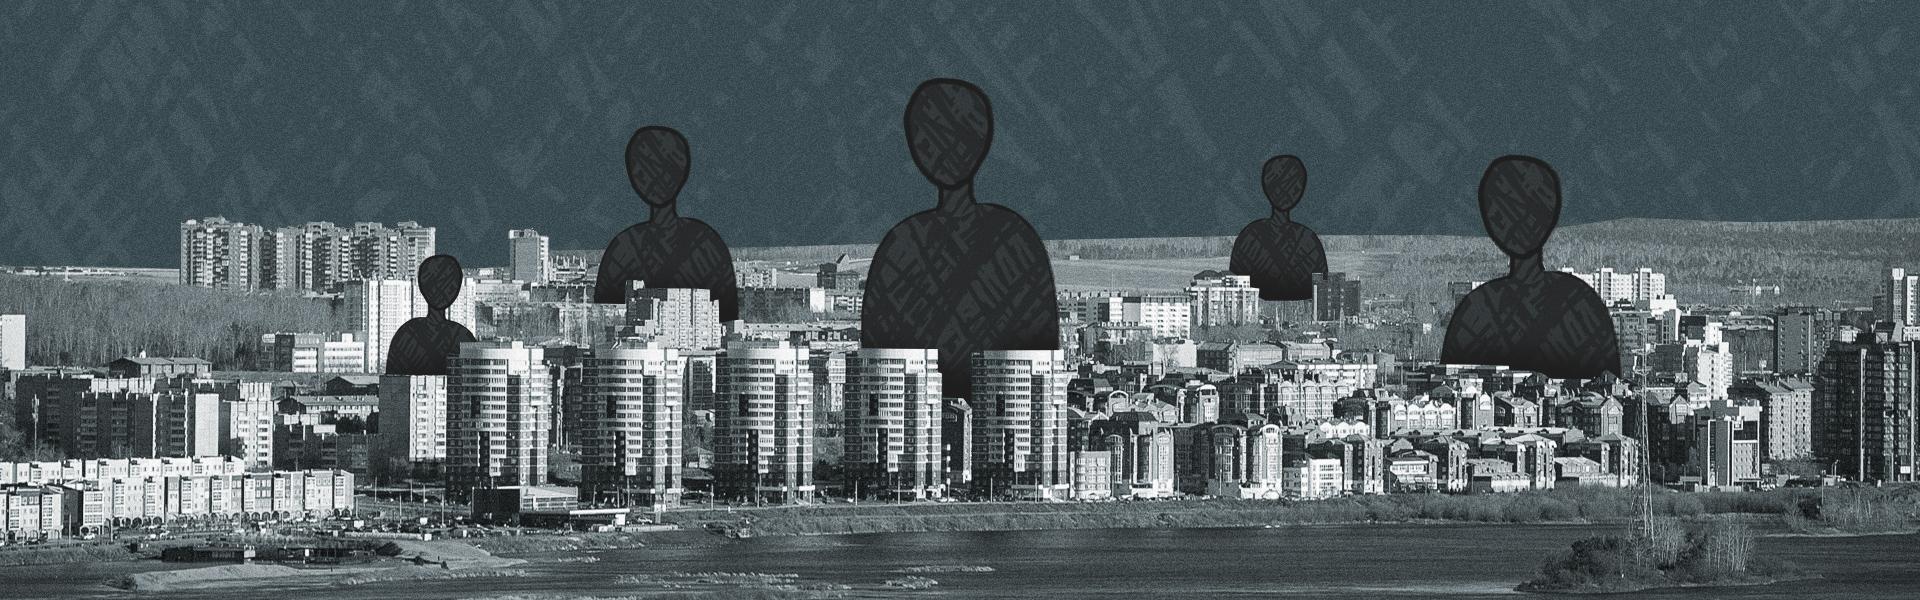 Черные ритуальные агенты в Иркутске: кто они и что им нужно?